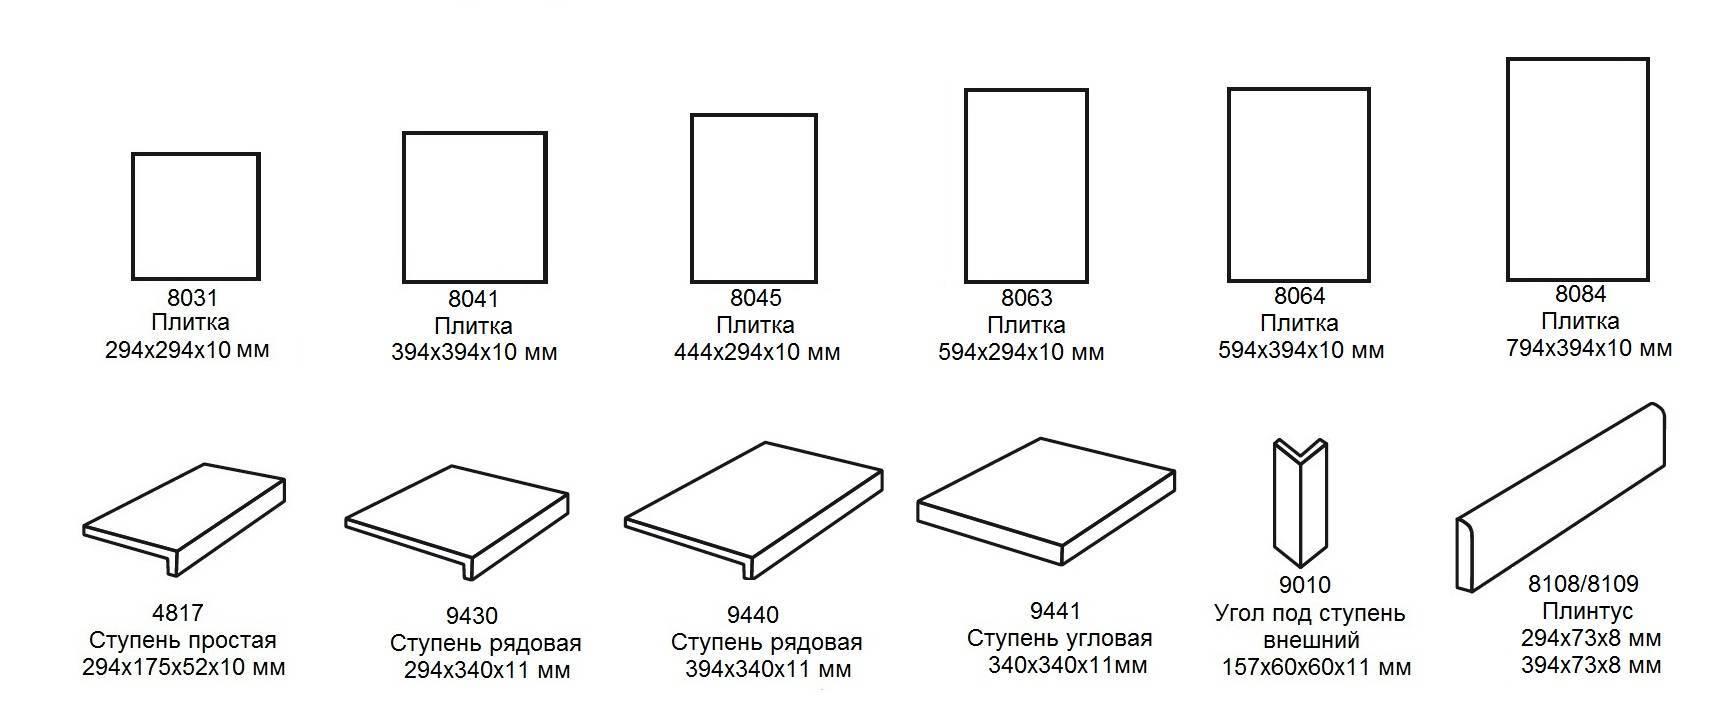 Какие бывают стандартные размеры напольной плитки?